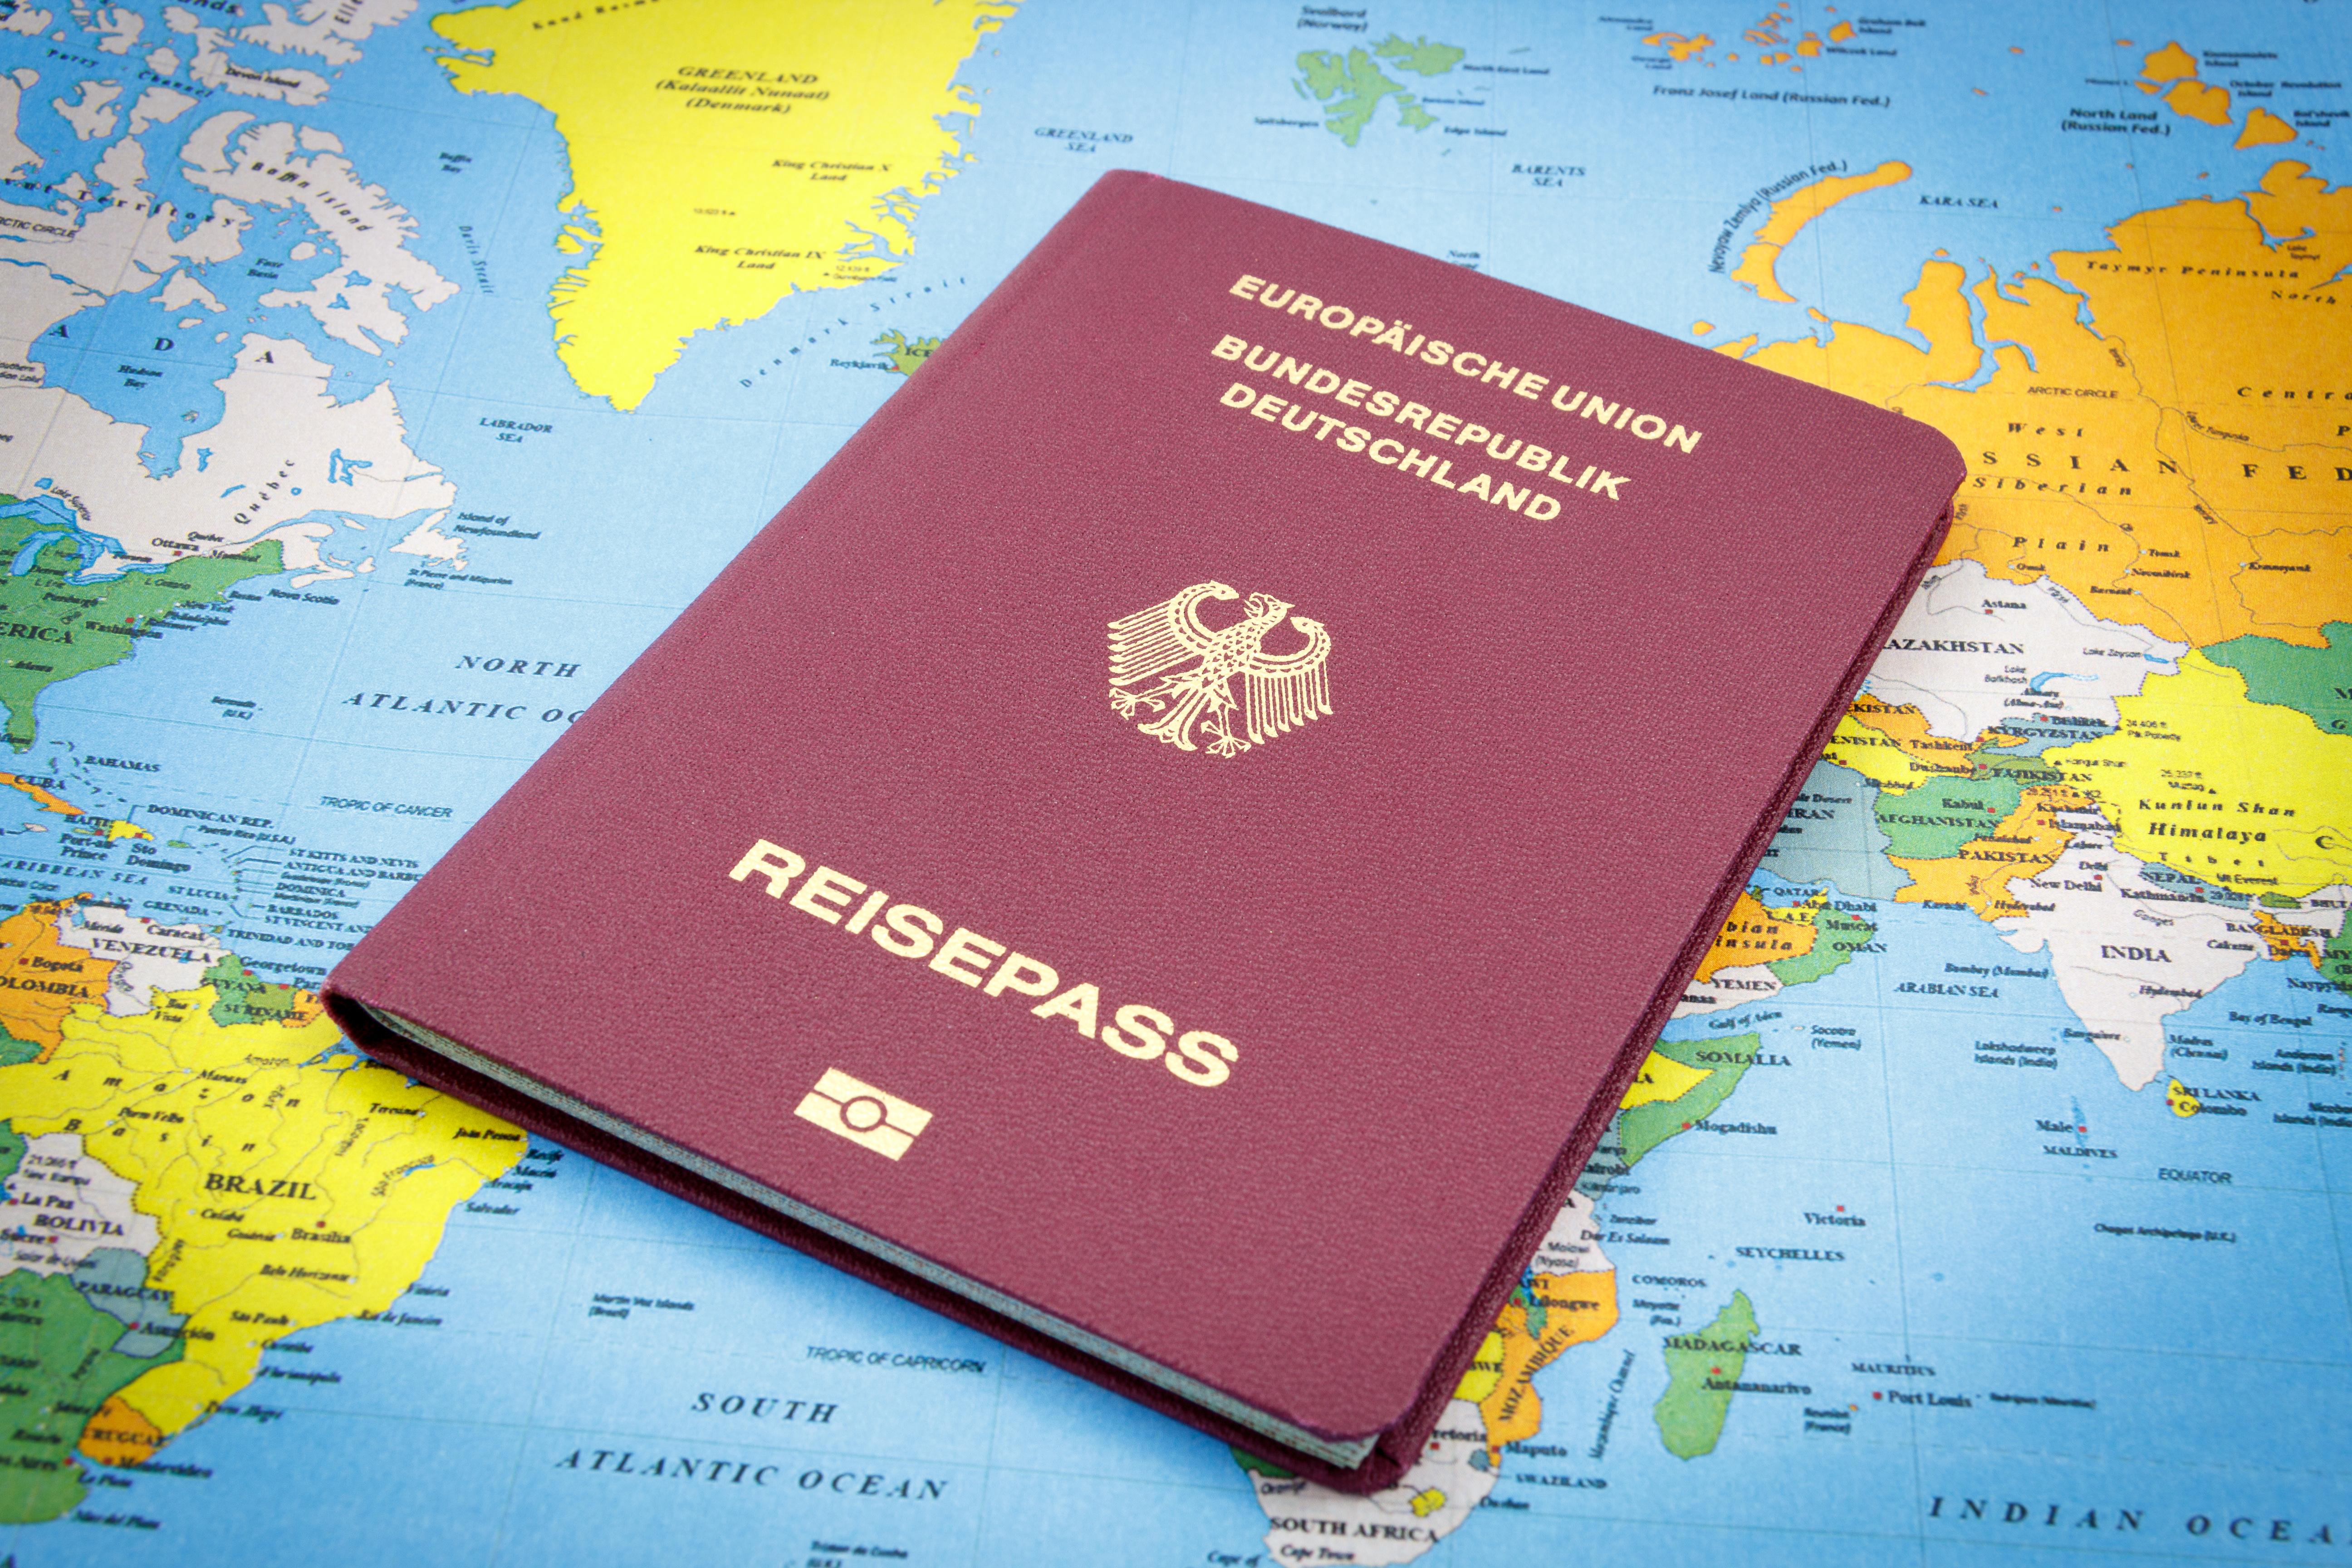 Паспорт Германии, гражданство которой могут получить россияне